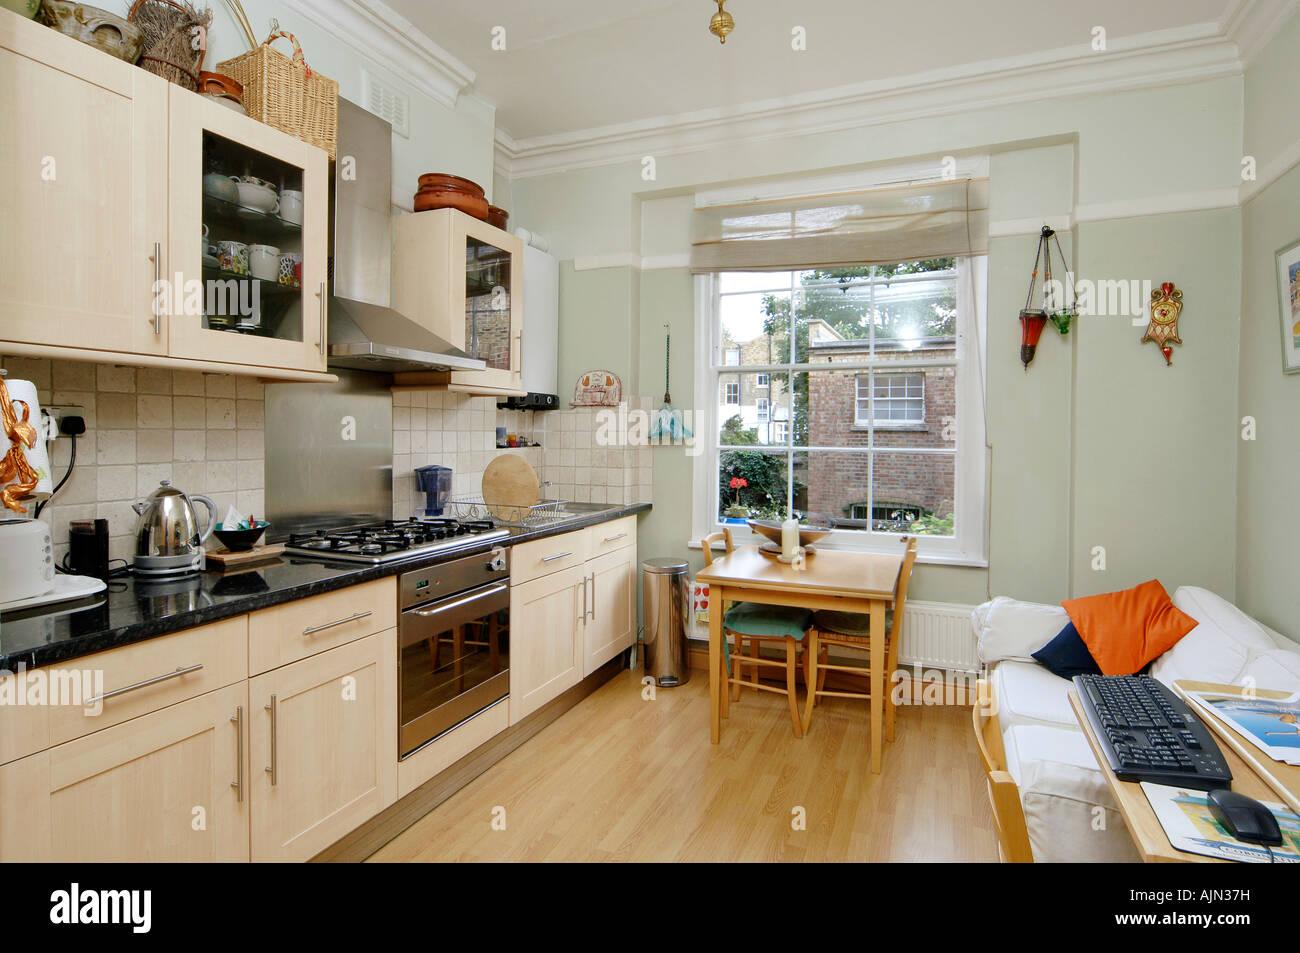 Old Victorian Style Interior Kitchen Sunny Day Islington London